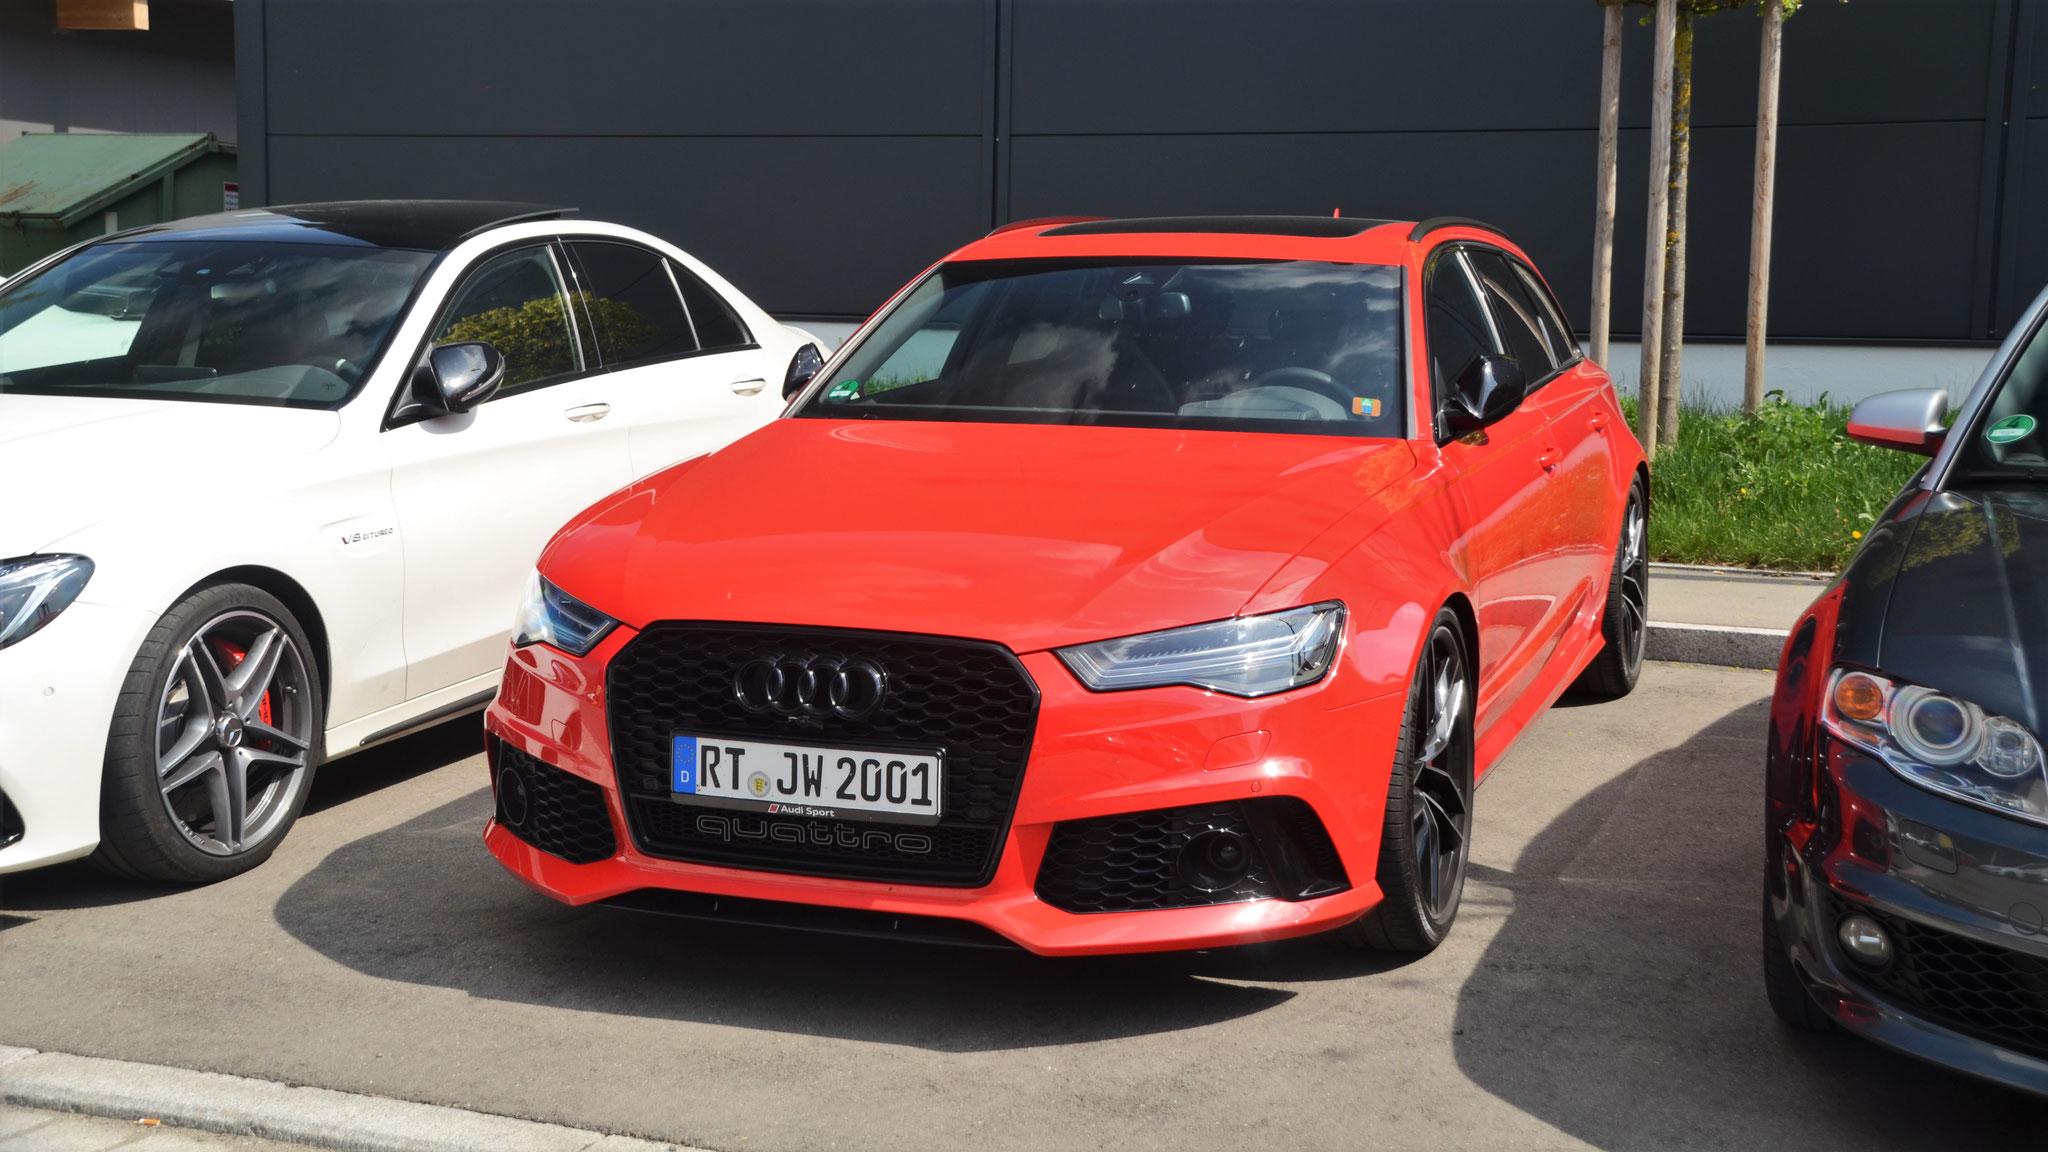 Audi RS6 - RT-JW-2001